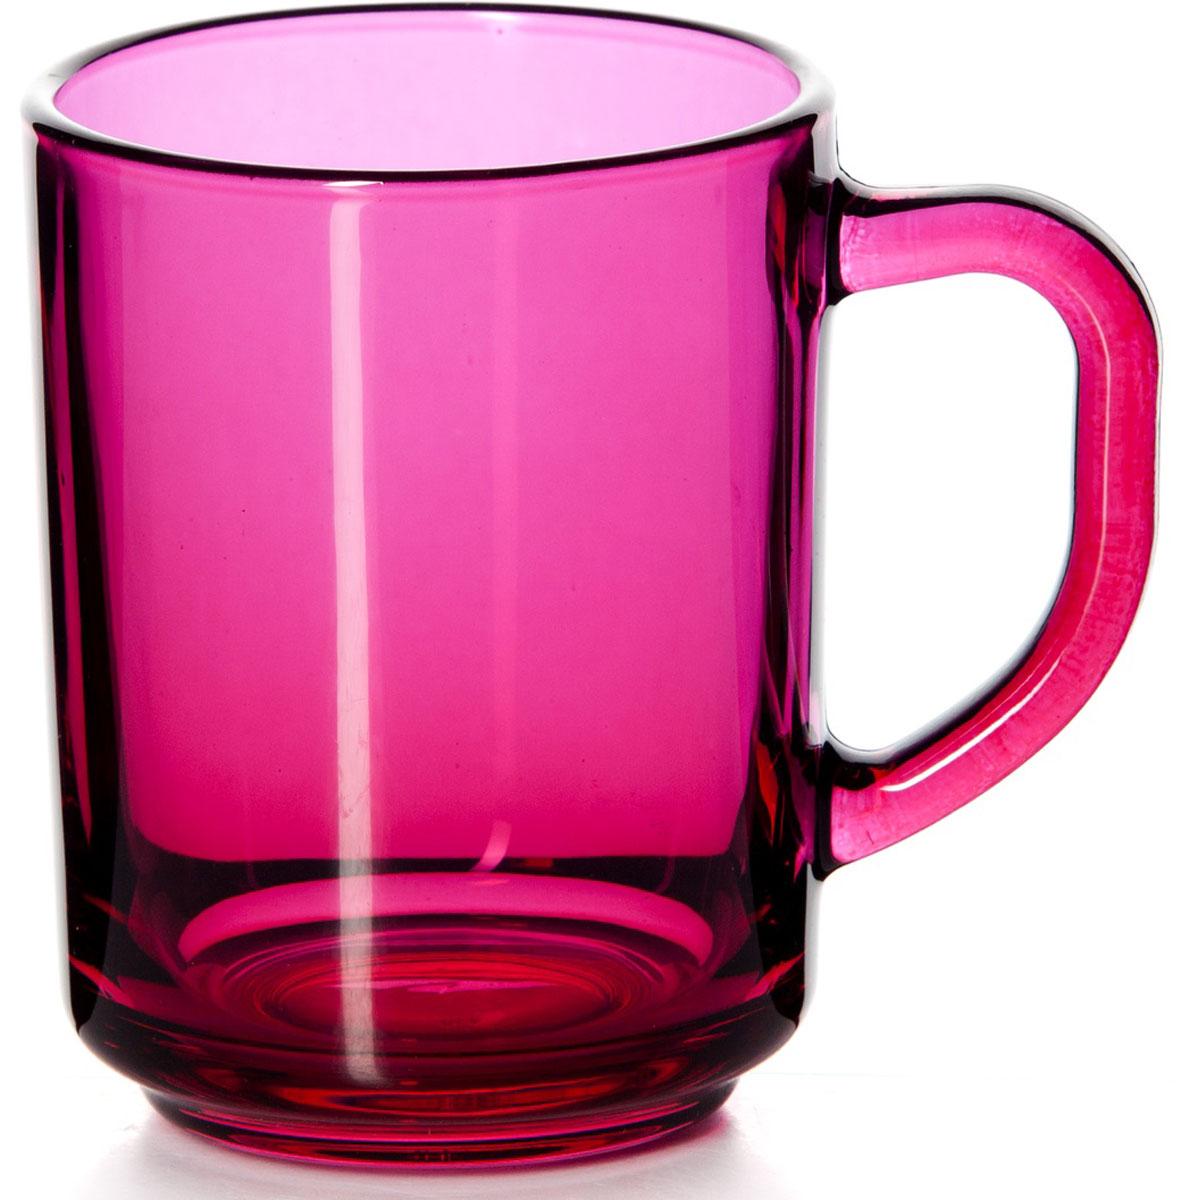 Кружка Pasabahce Энжой Фуксия, цвет: фуксия, 250 мл55029SLBD29Кружка Pasabahce Энжой Фуксия изготовлена из прозрачного цветного стекла. Изделие идеально подходит для сервировки стола.Кружка не только украсит ваш кухонный стол, но и подчеркнет прекрасный вкус хозяйки. Объем кружки: 250 мл.